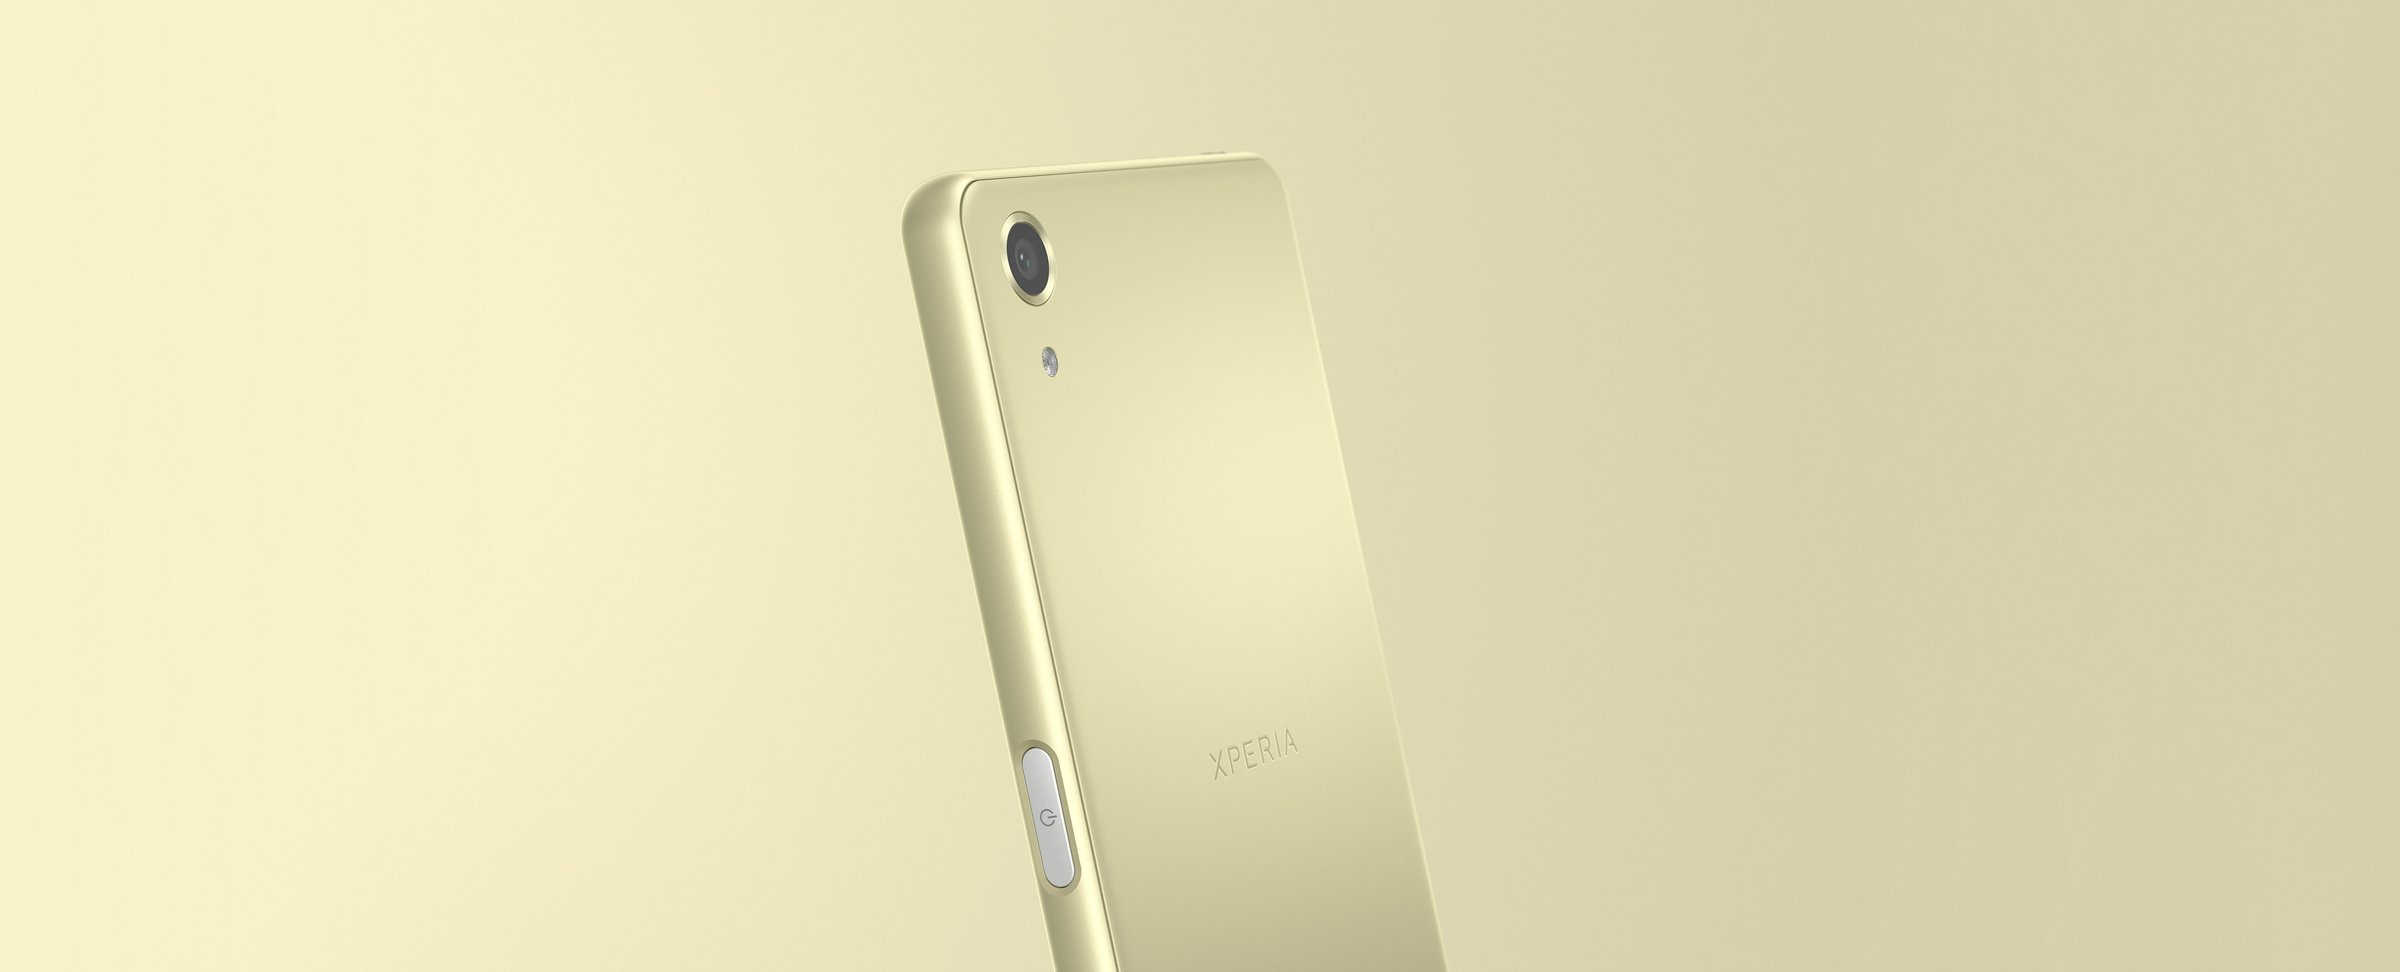 Sony-Xperia-X-Performance (9)